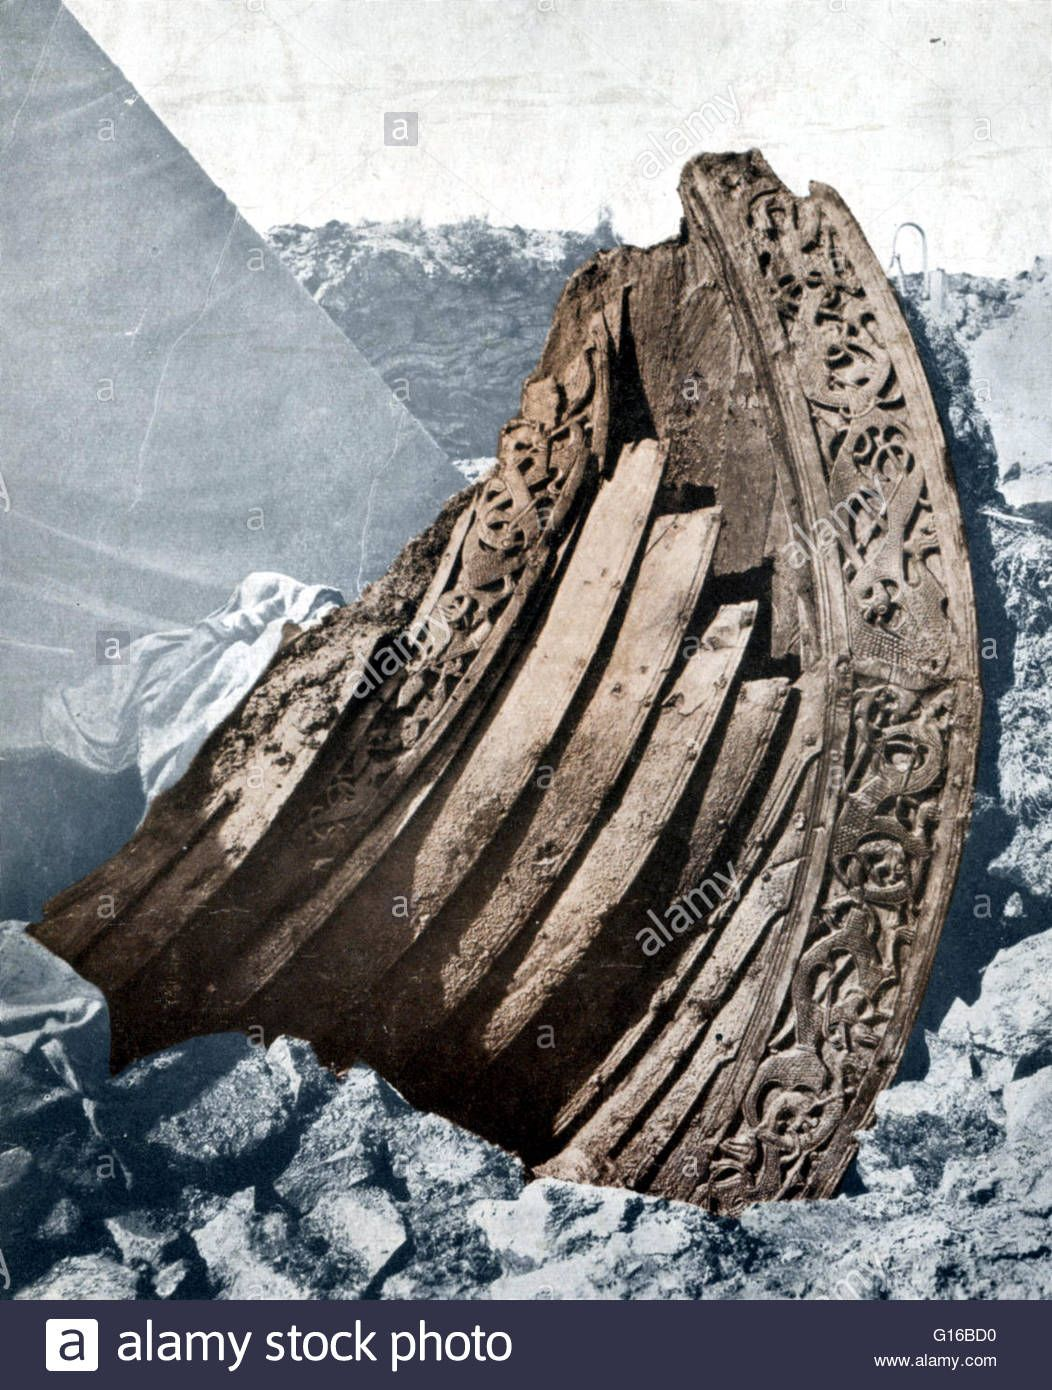 Artista: Werner Forman · El barco Oseberg es una nave vikinga bien conservada descubierta en un gran túmulo